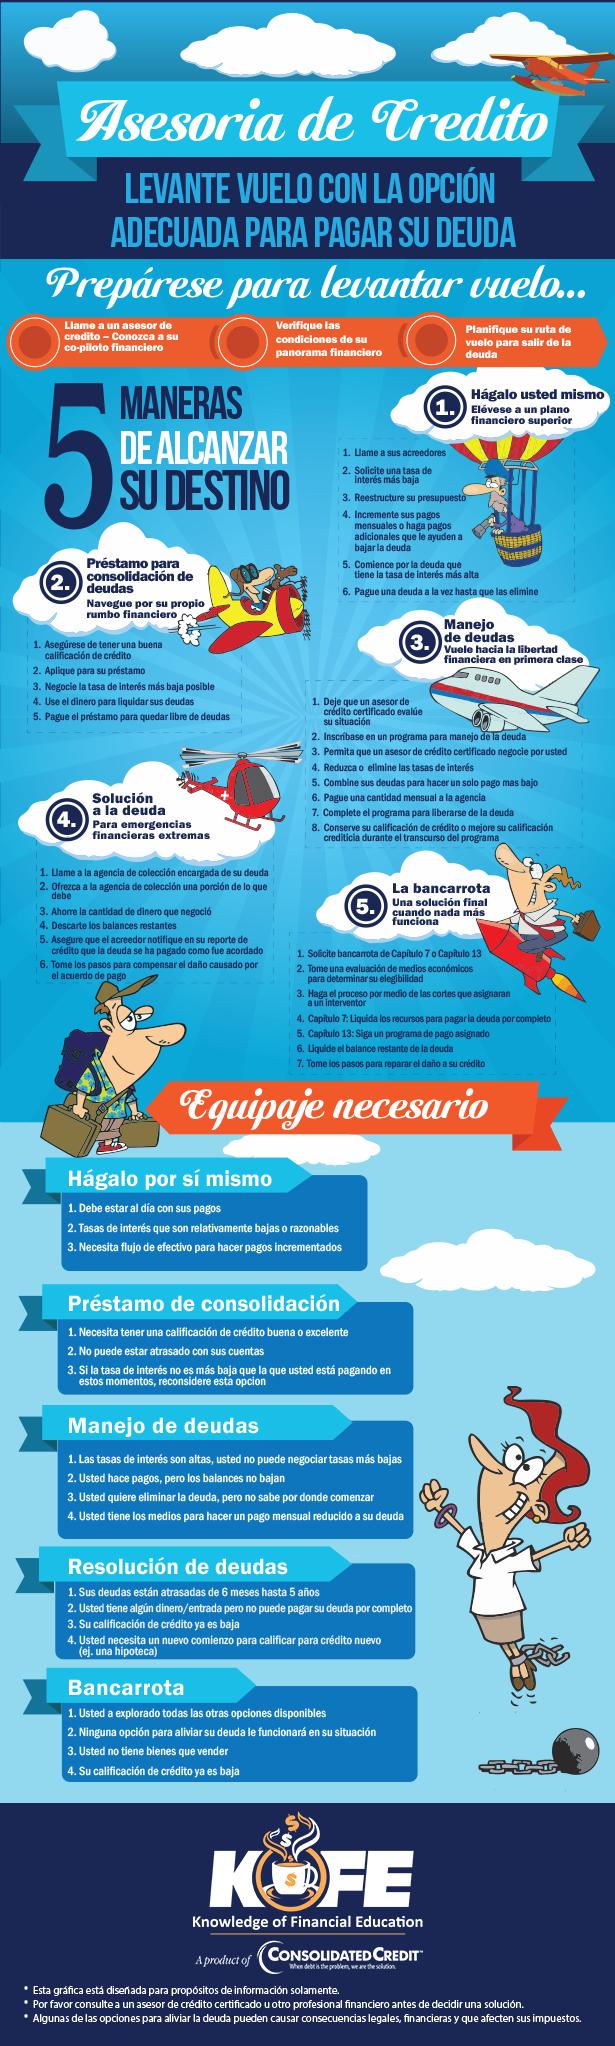 Asesoria de credito infografía